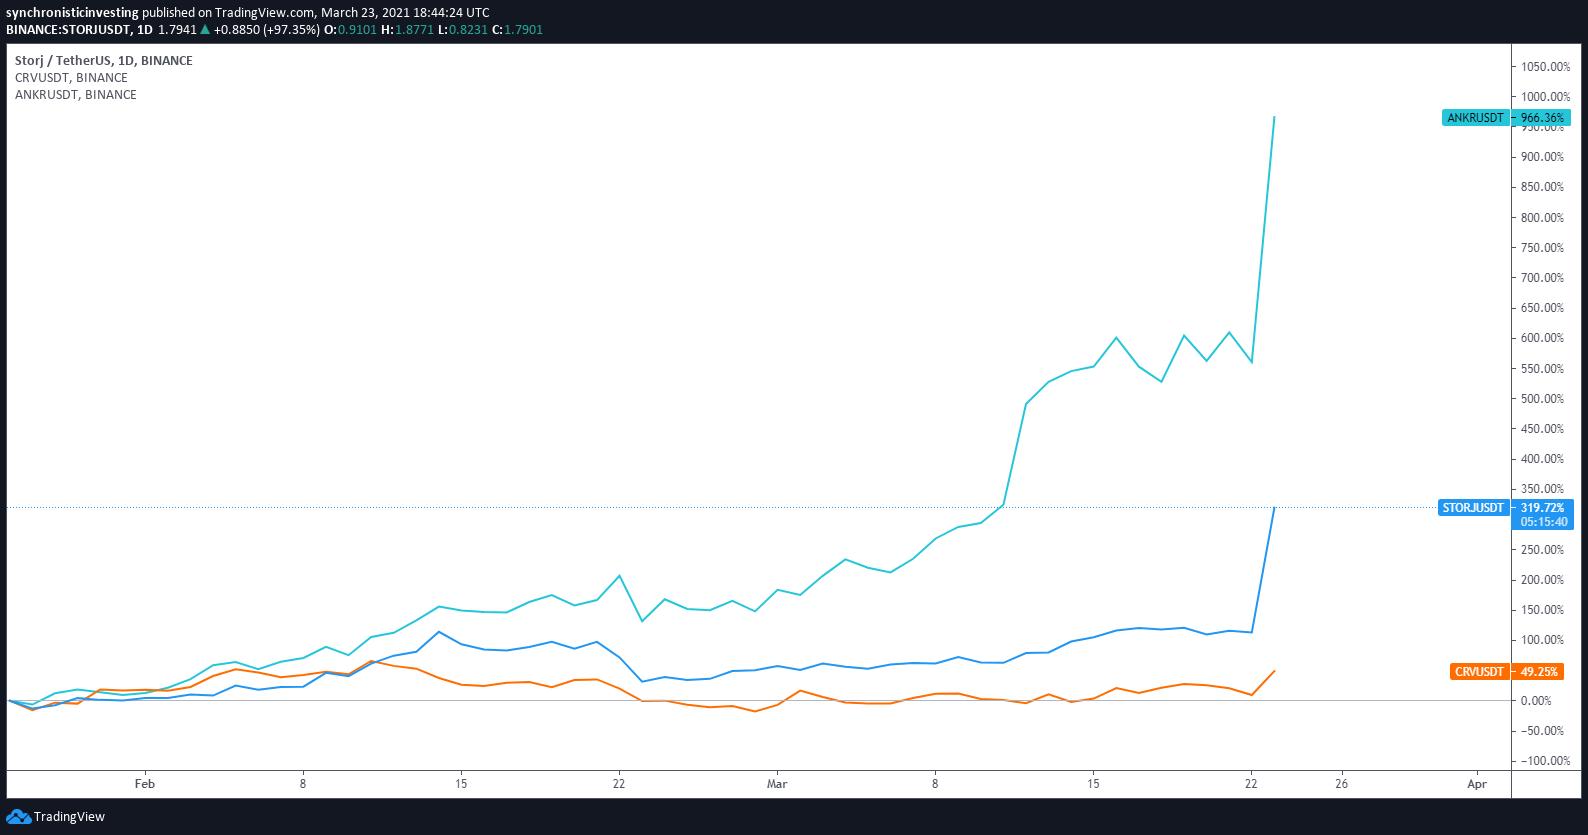 Grafico giornaliero di CRV/USDT vs. ANKR/USDT vs. STORJ/USDT